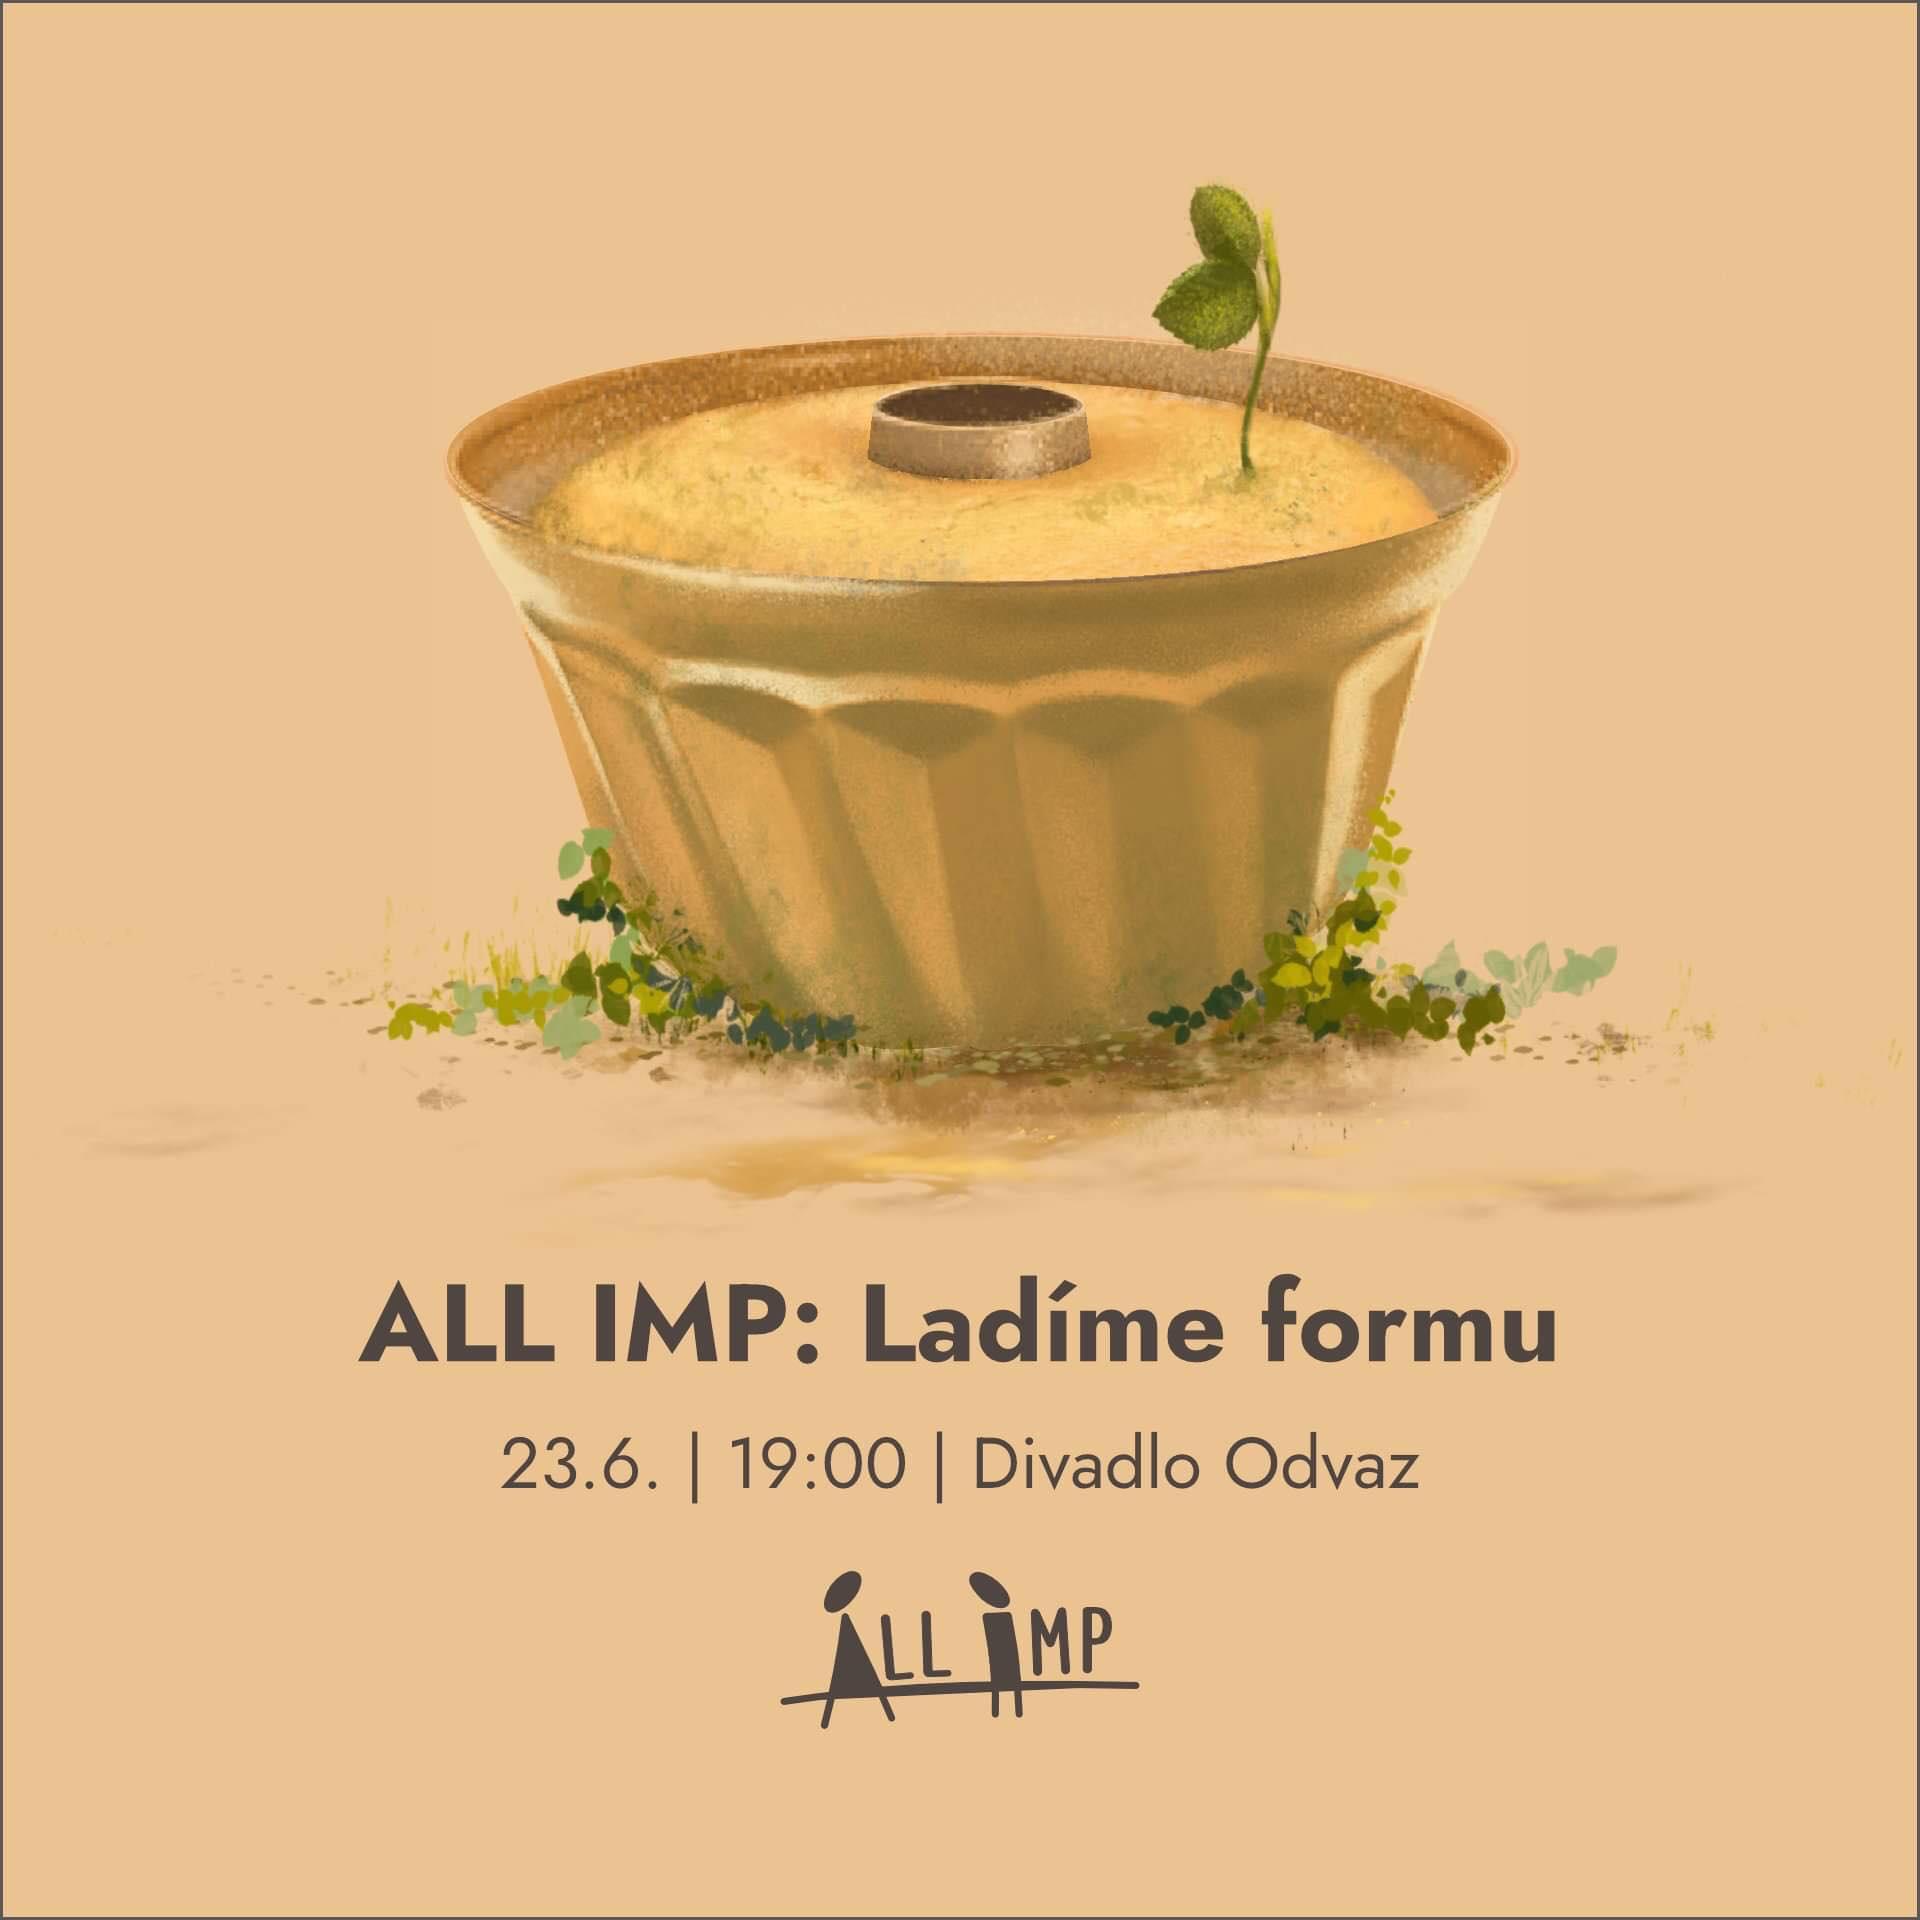 All Imp: Ladíme formu